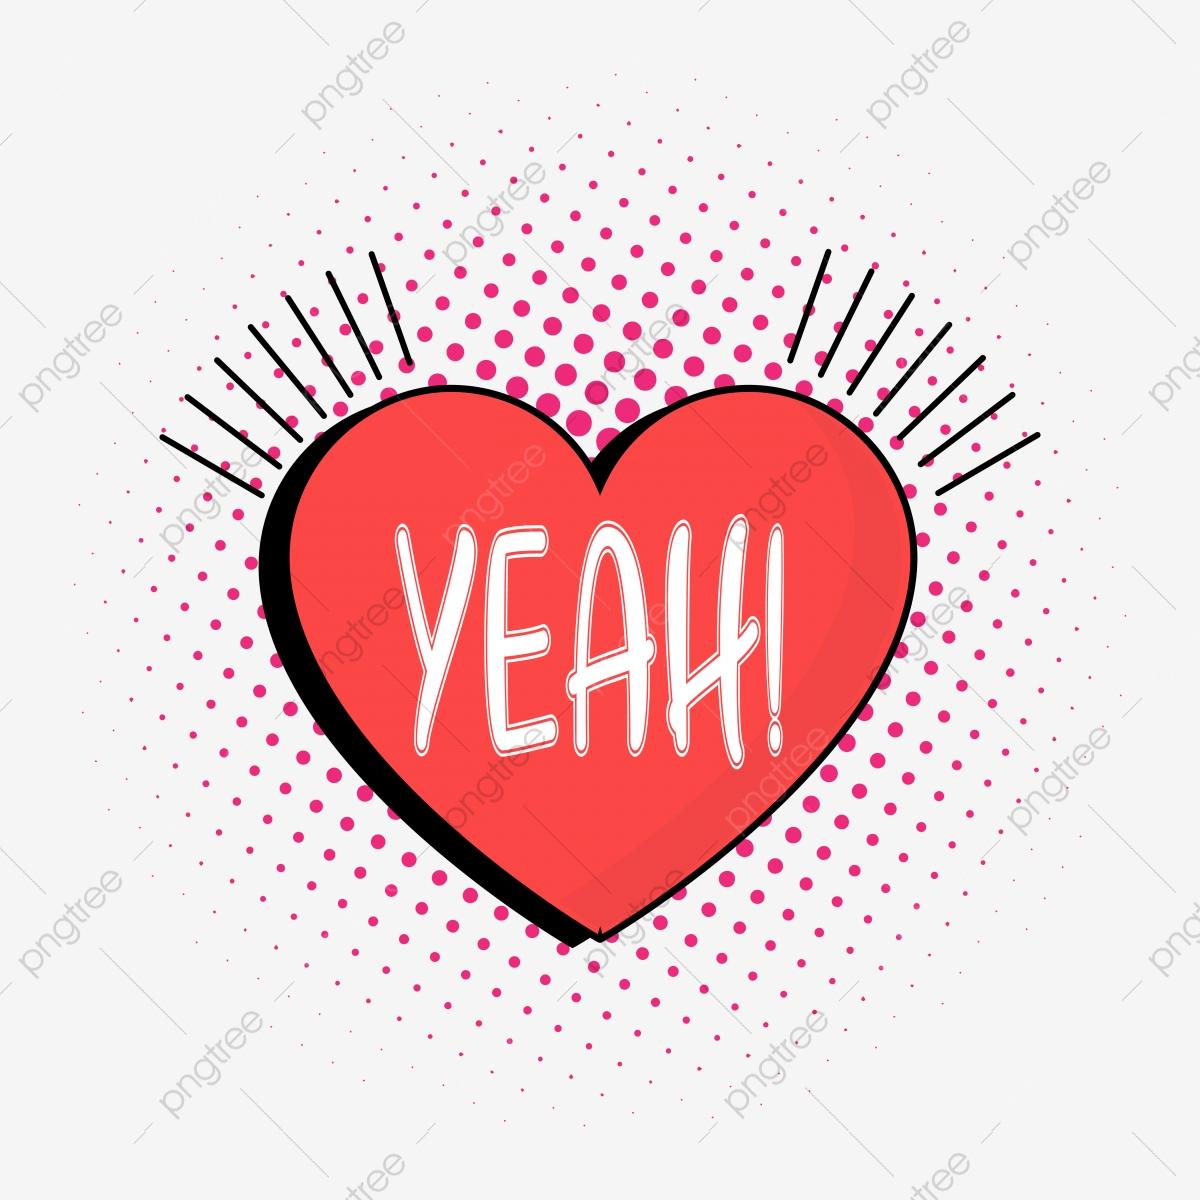 Herz Sprechblase Clipart Png Vektorelement, Herz Blase, Herz verwandt mit Clipart Herz Kostenlos